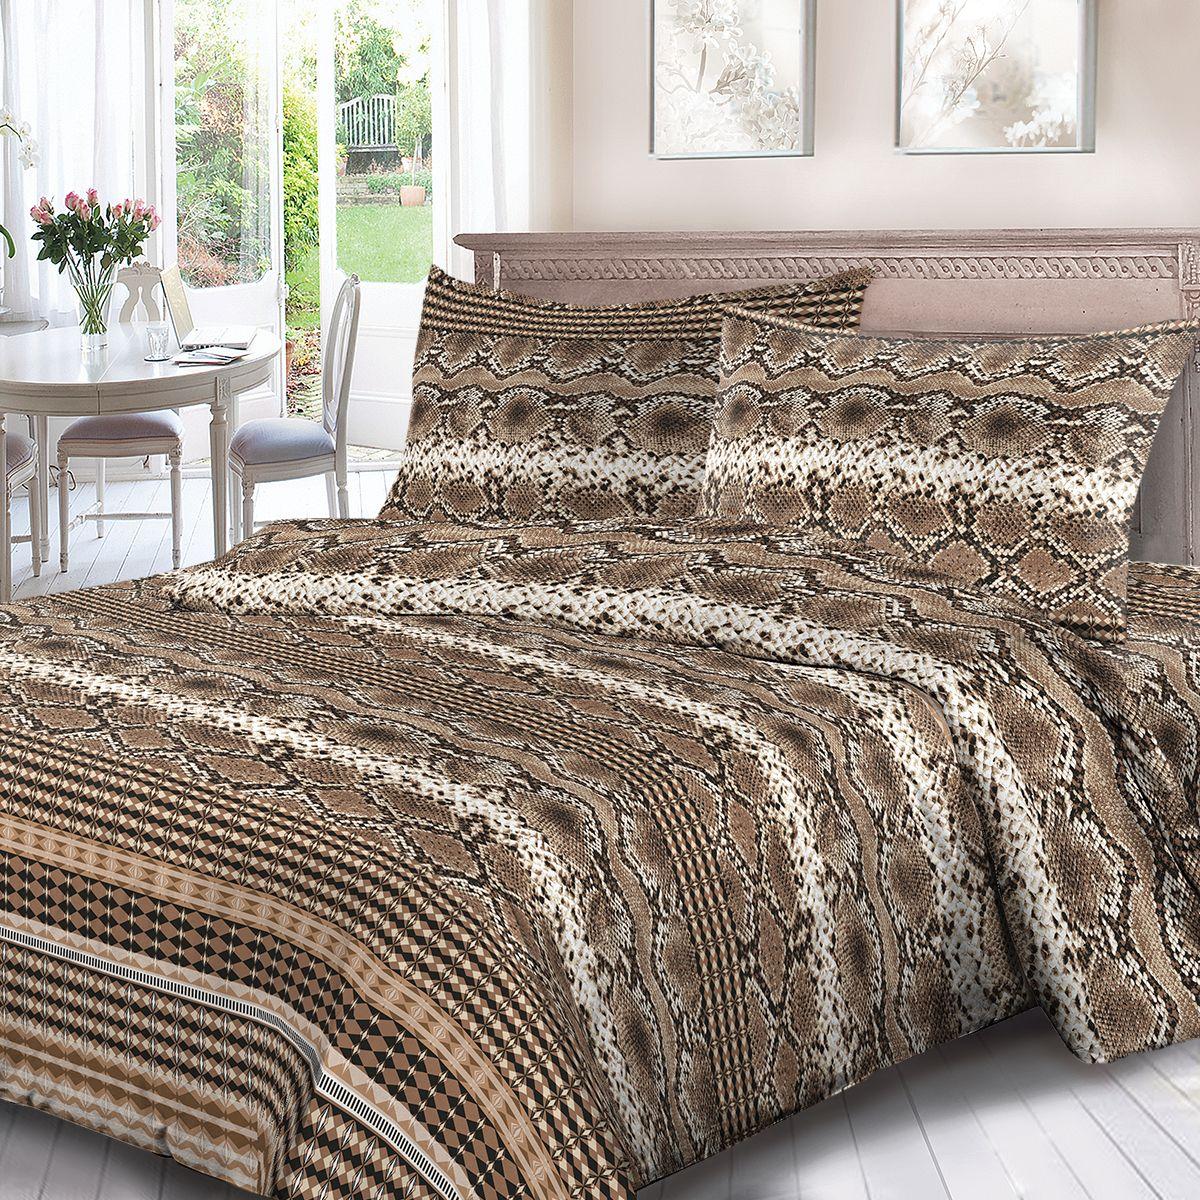 Комплект белья Для Снов Клеопатра, 1,5 спальное, наволочки 70x70, цвет: коричневый. 3719-186487